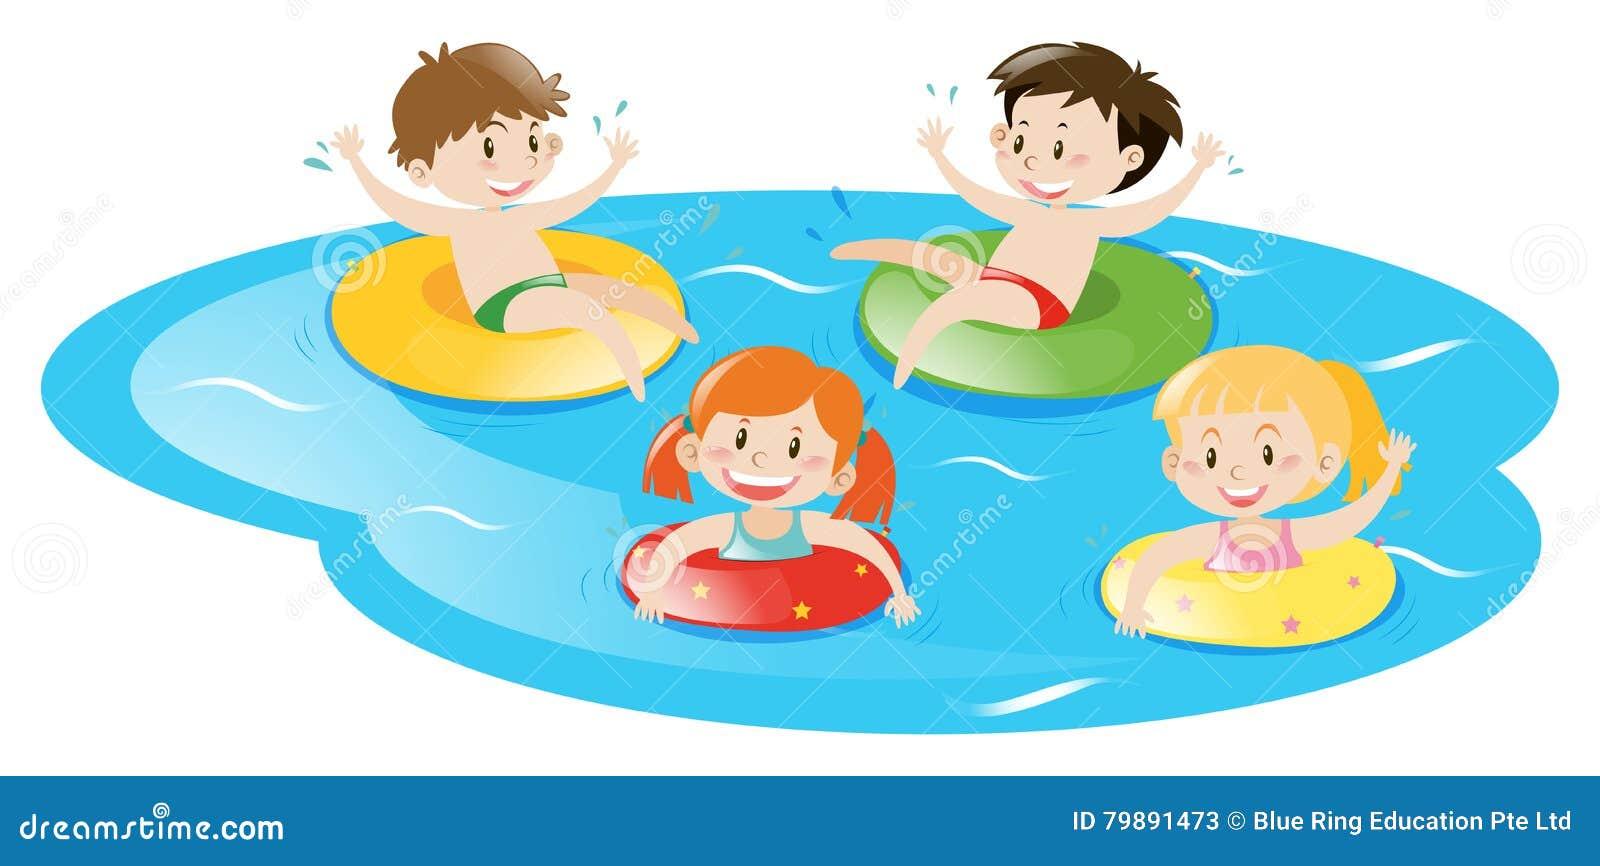 Quatre enfants nageant dans la piscine illustration de - Clipart piscine ...